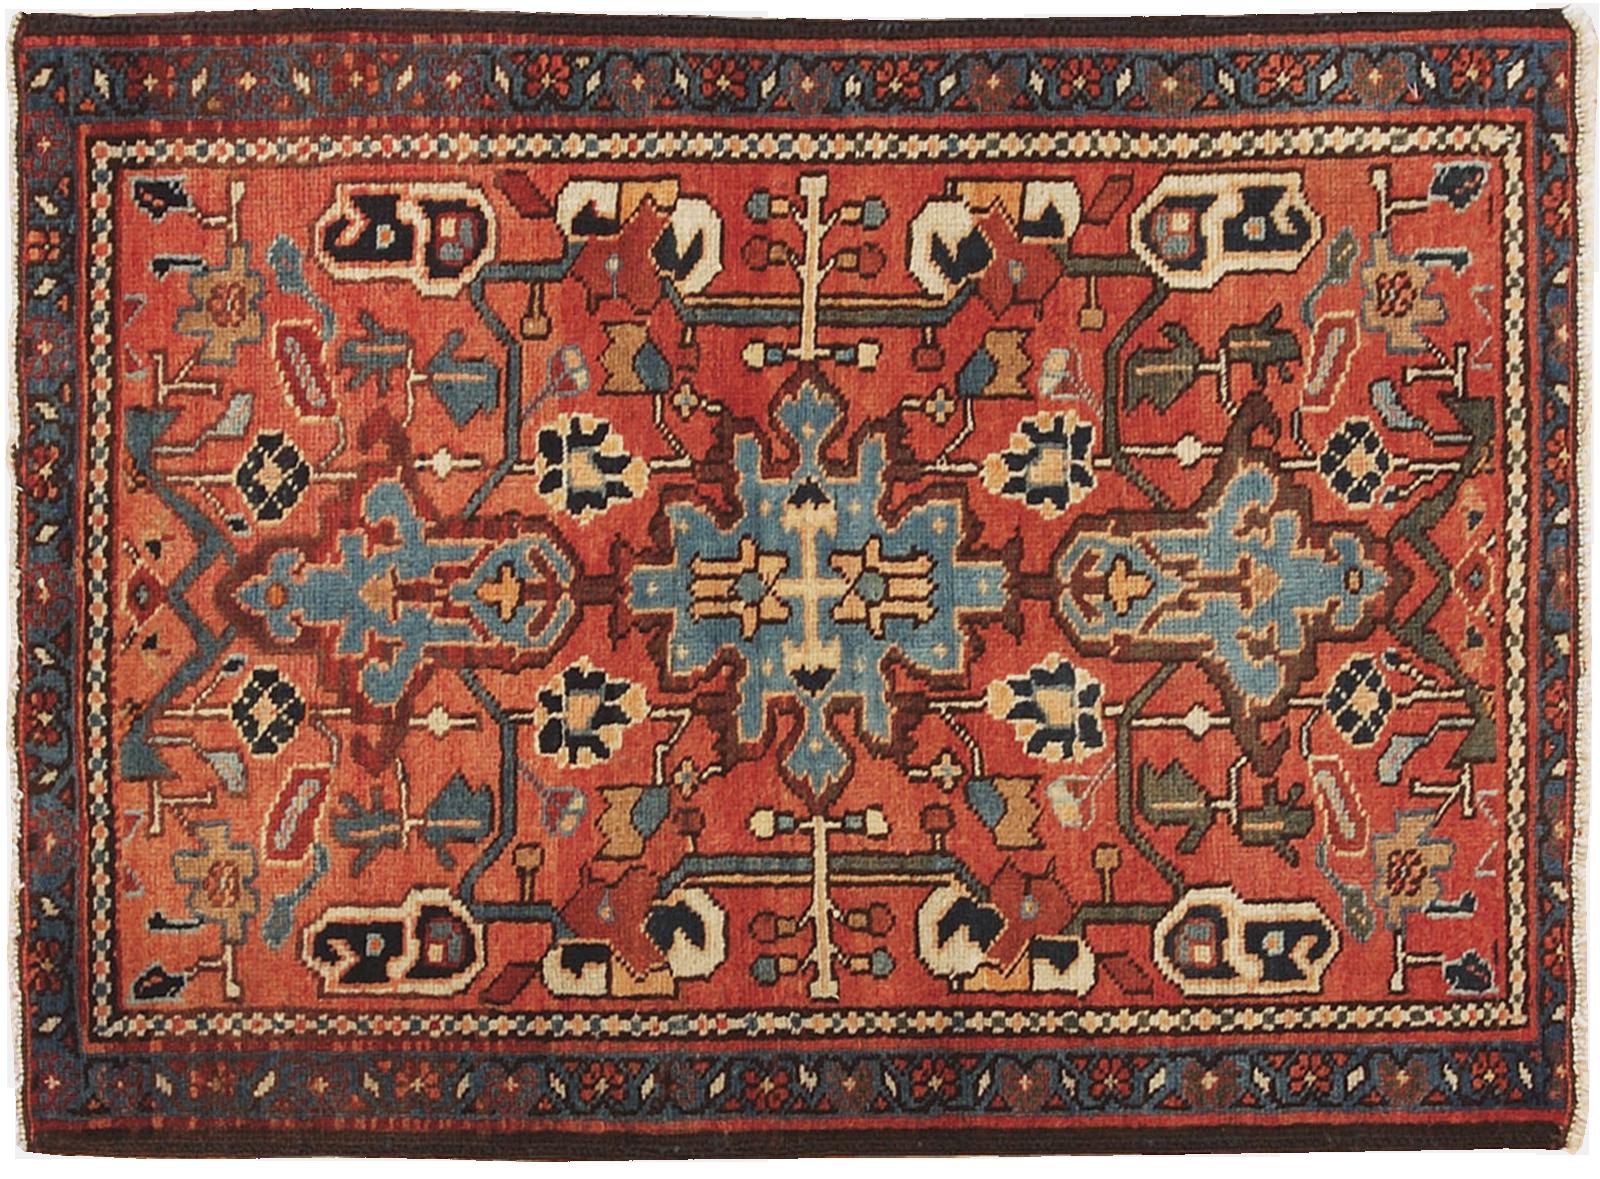 Piccolo tappeto Heriz dall inconfondibile disegno stilizzato di origine  armena